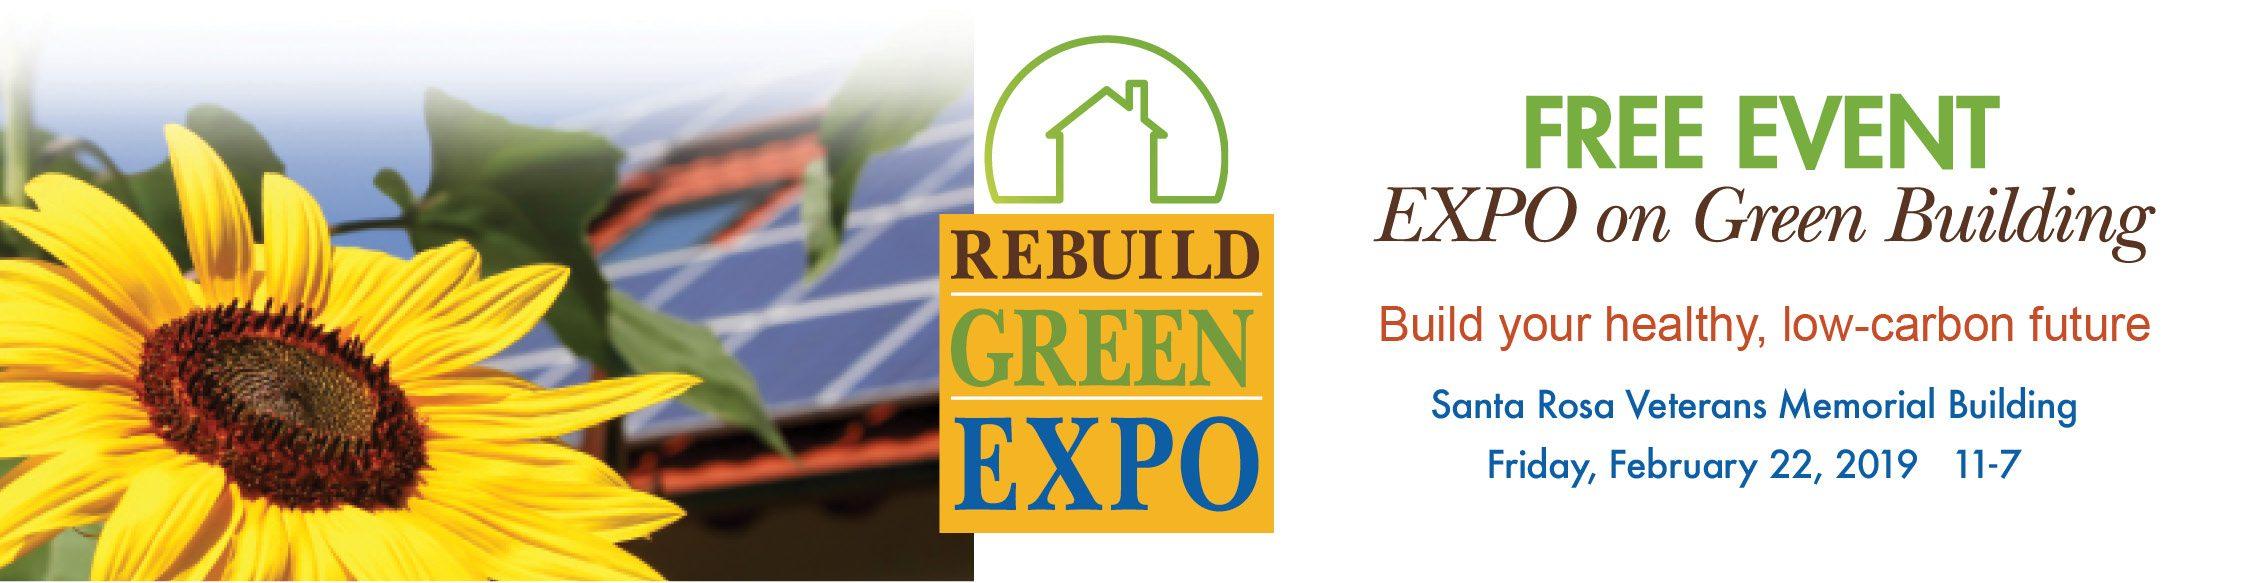 Rebuild Green Expo